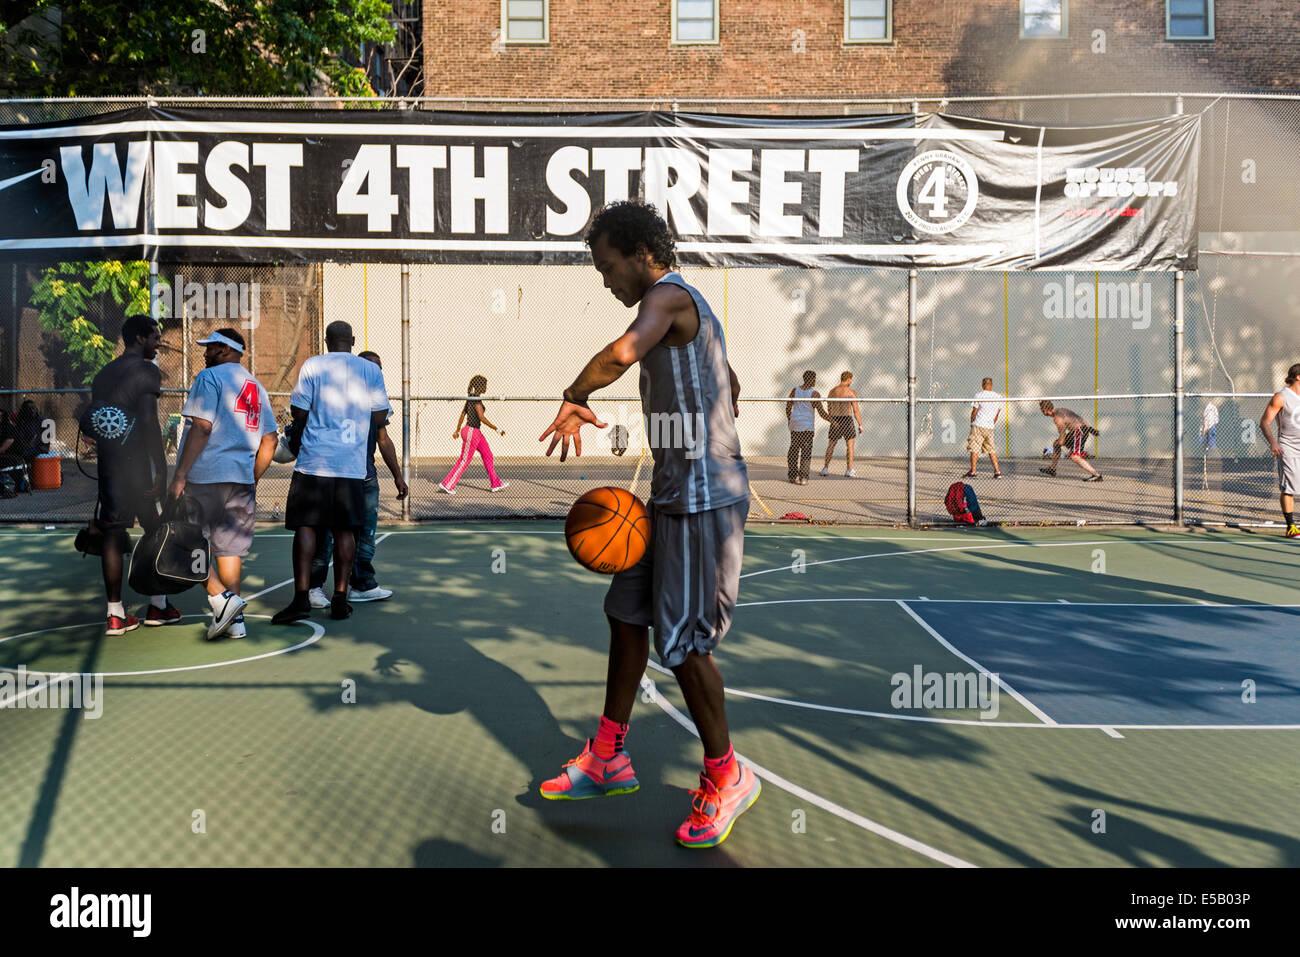 New York, NY 25 Luglio 2014 - Il giovane uomo cerchi di praticante presso il West Fourth Street Basket ©Stacy Rosenstock Foto Stock